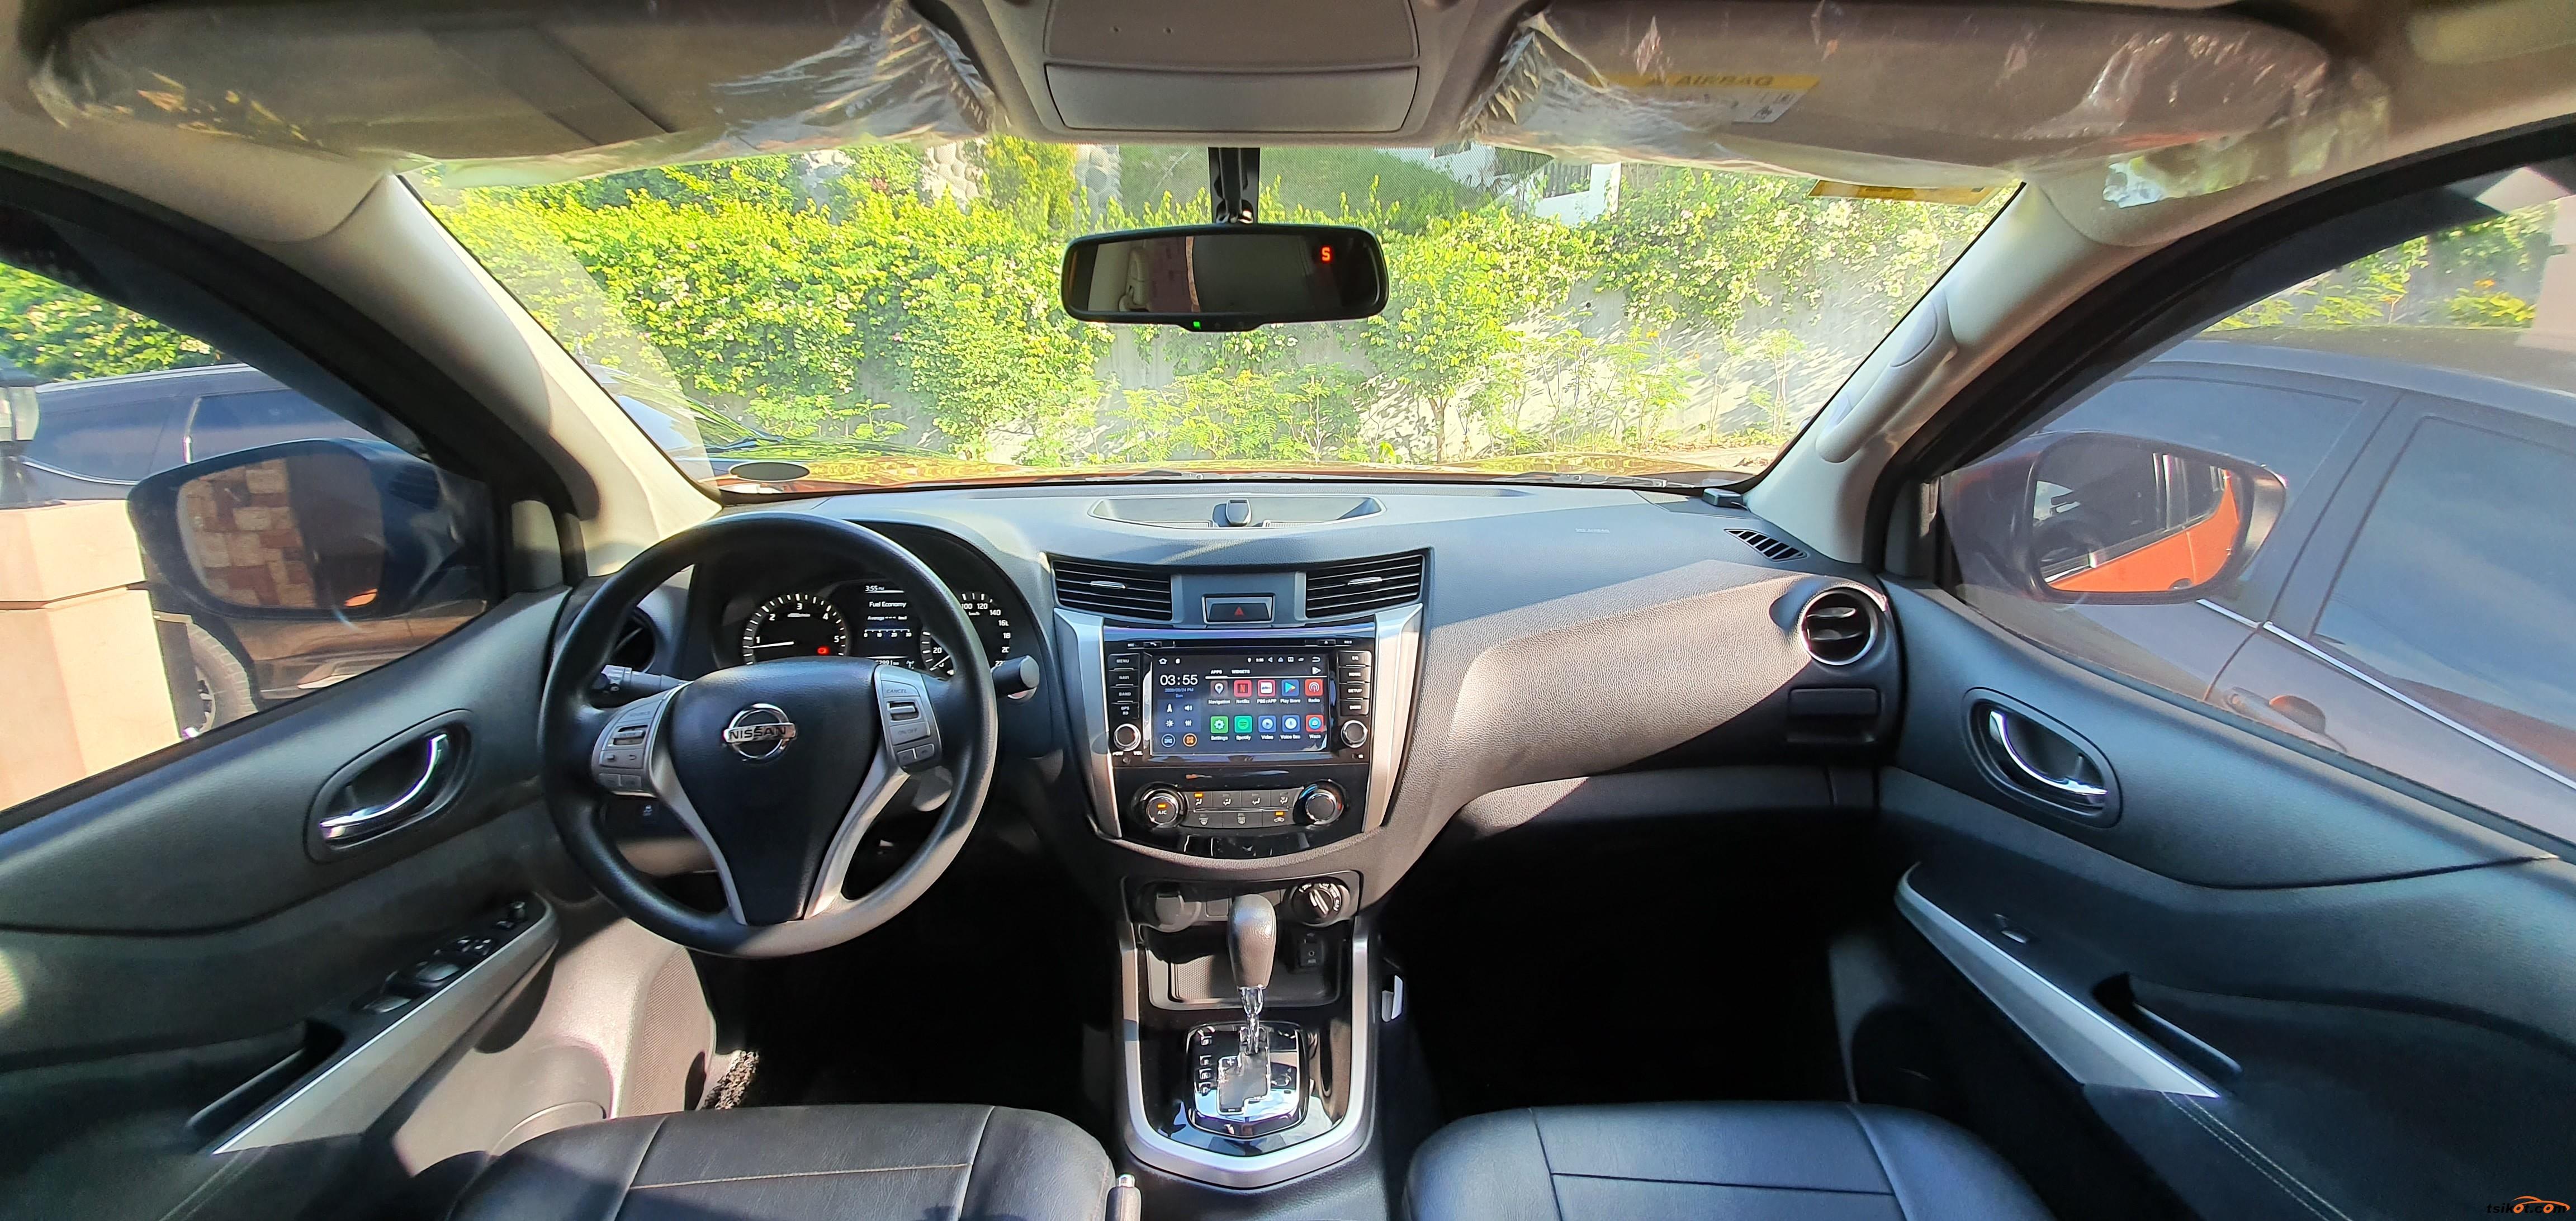 Nissan Np300 2015 - 4